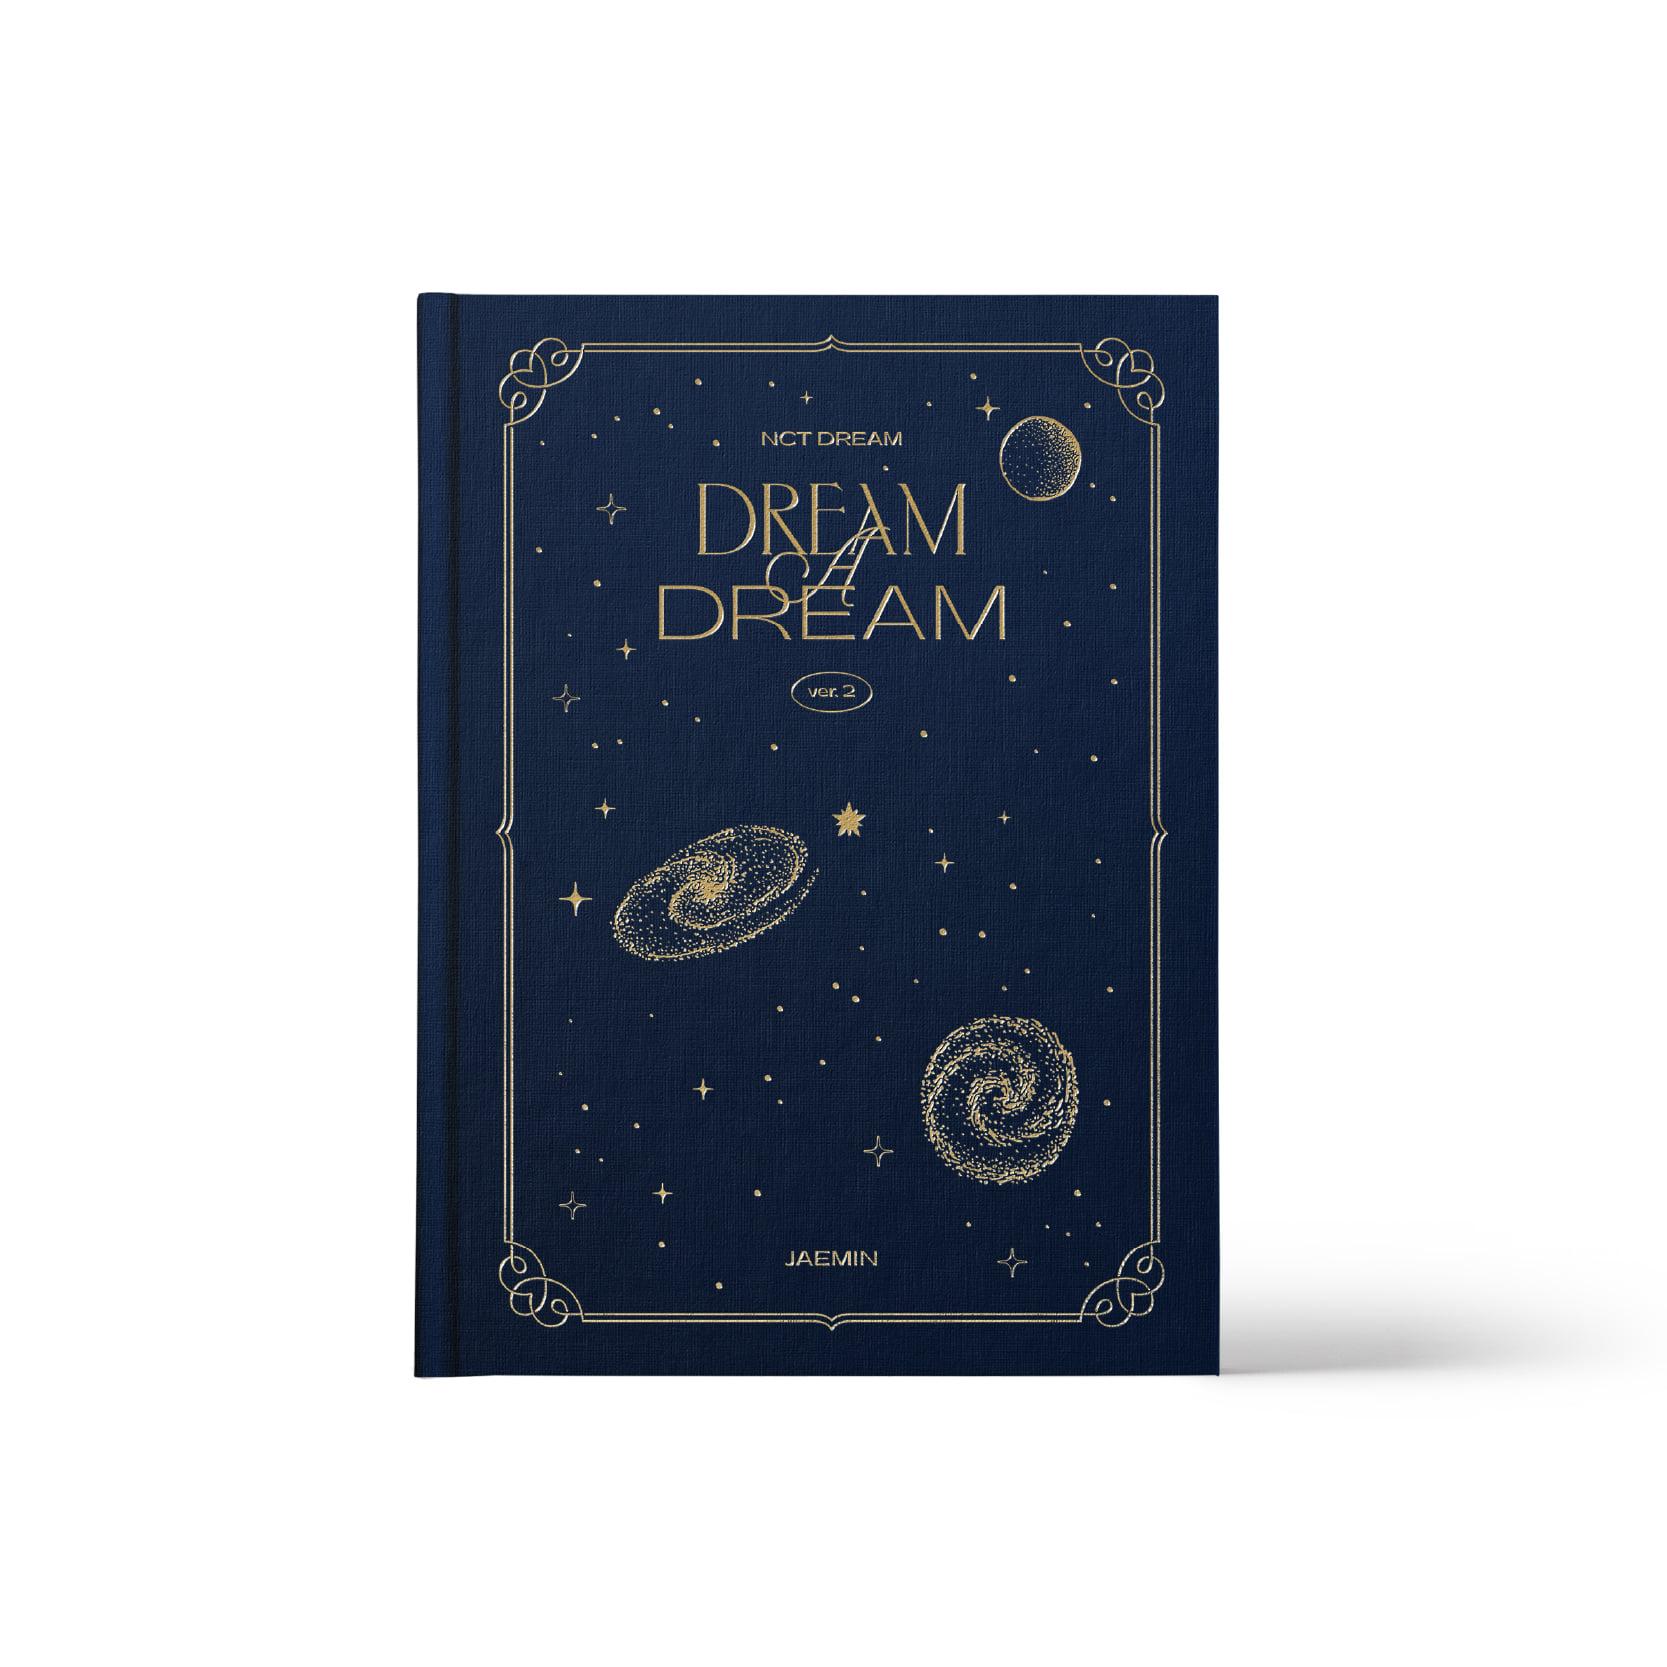 [예약 판매] NCT DREAM - [JAEMIN] NCT DREAM PHOTO BOOK [DREAM A DREAM ver.2]케이팝스토어(kpop store)